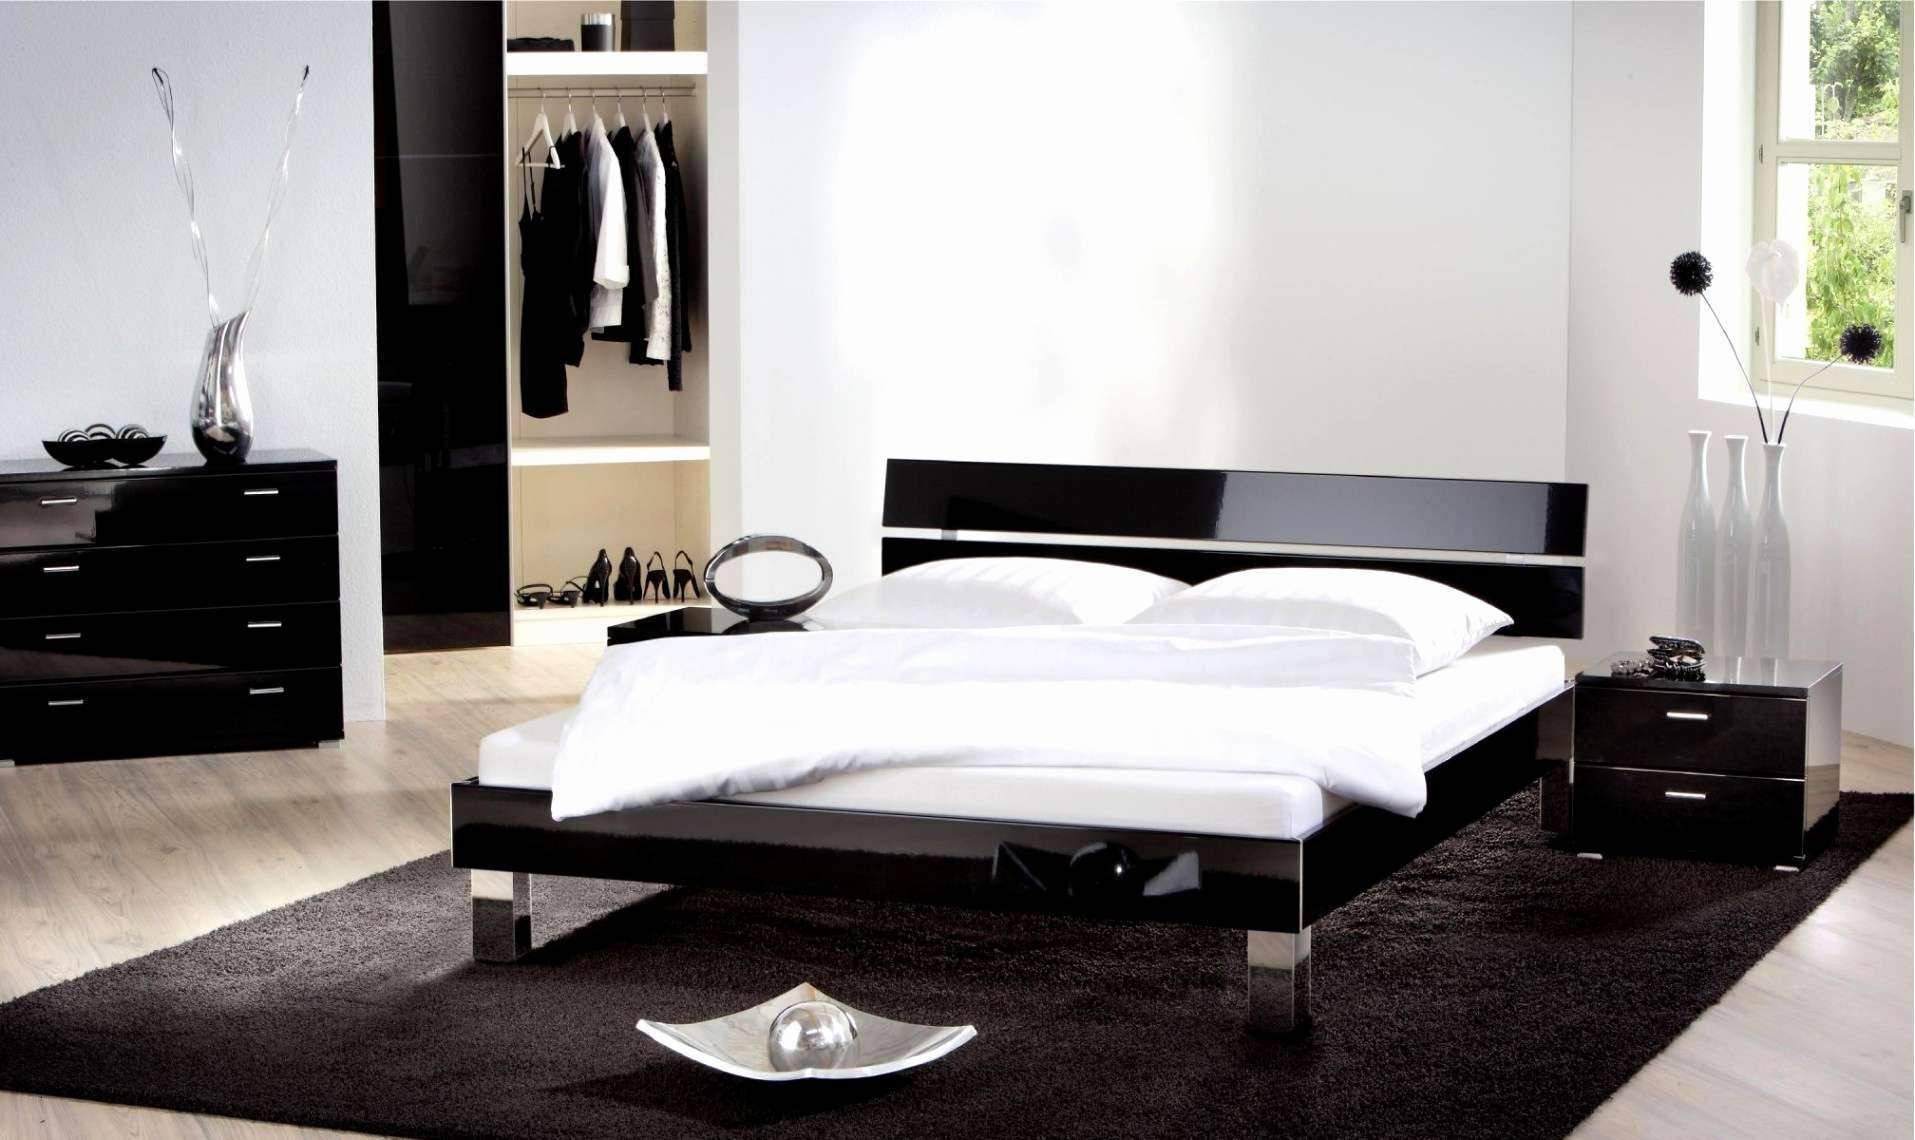 deko landhausstil wohnzimmer reizend tischdeko wohnzimmer frisch das beste von deko ideen diy of deko landhausstil wohnzimmer